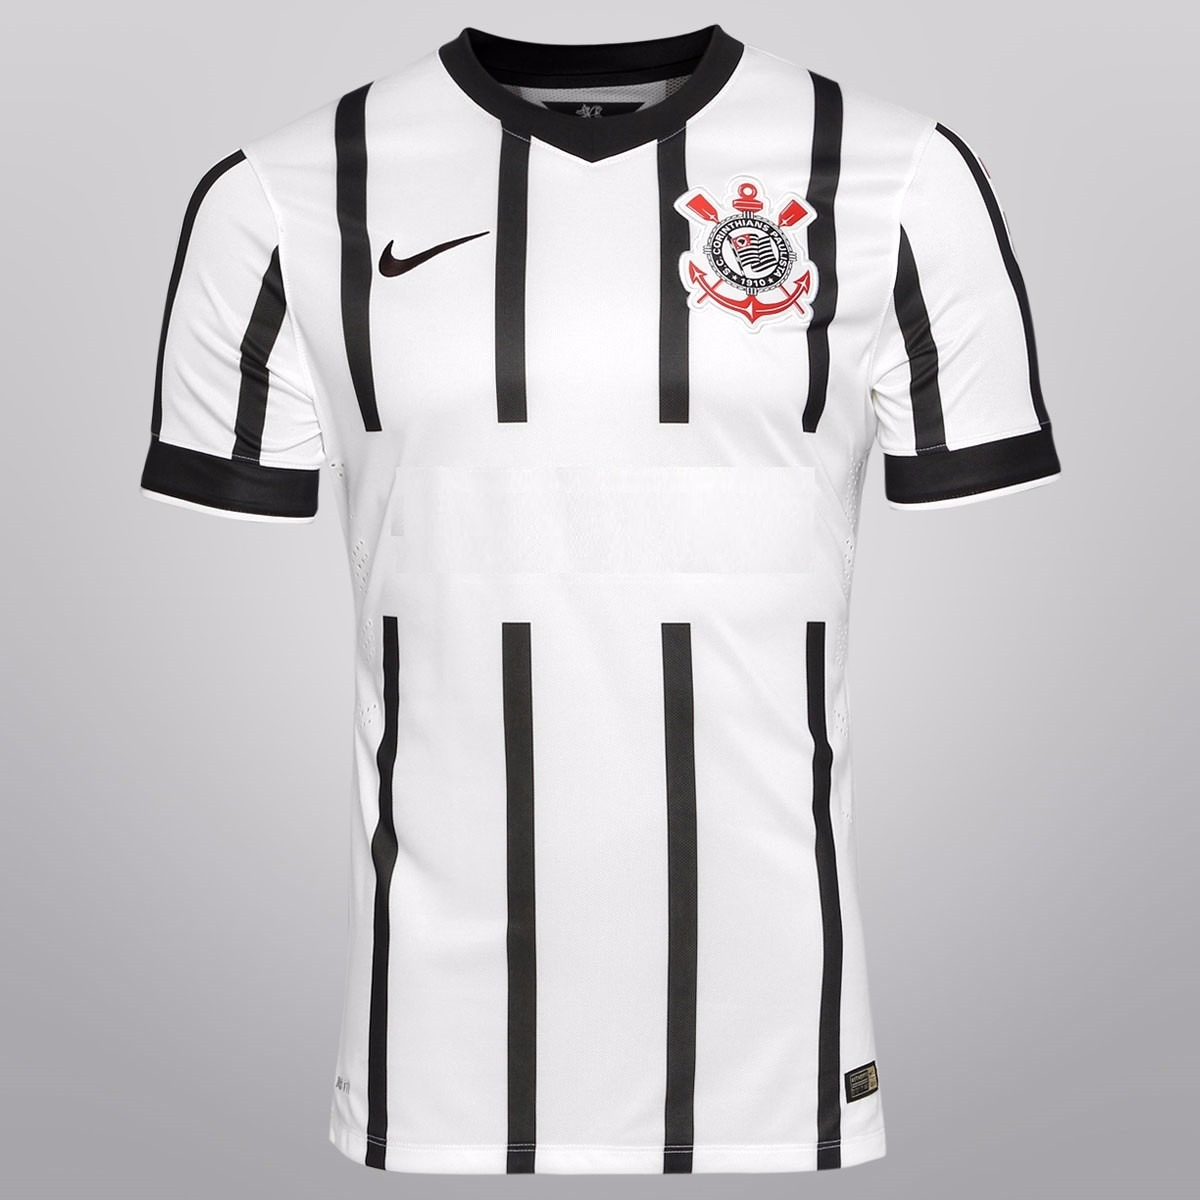 Camisa Corinthians Nike I 2014   2015 - S nº - Jogador - R  187 98ae1b9da3f20